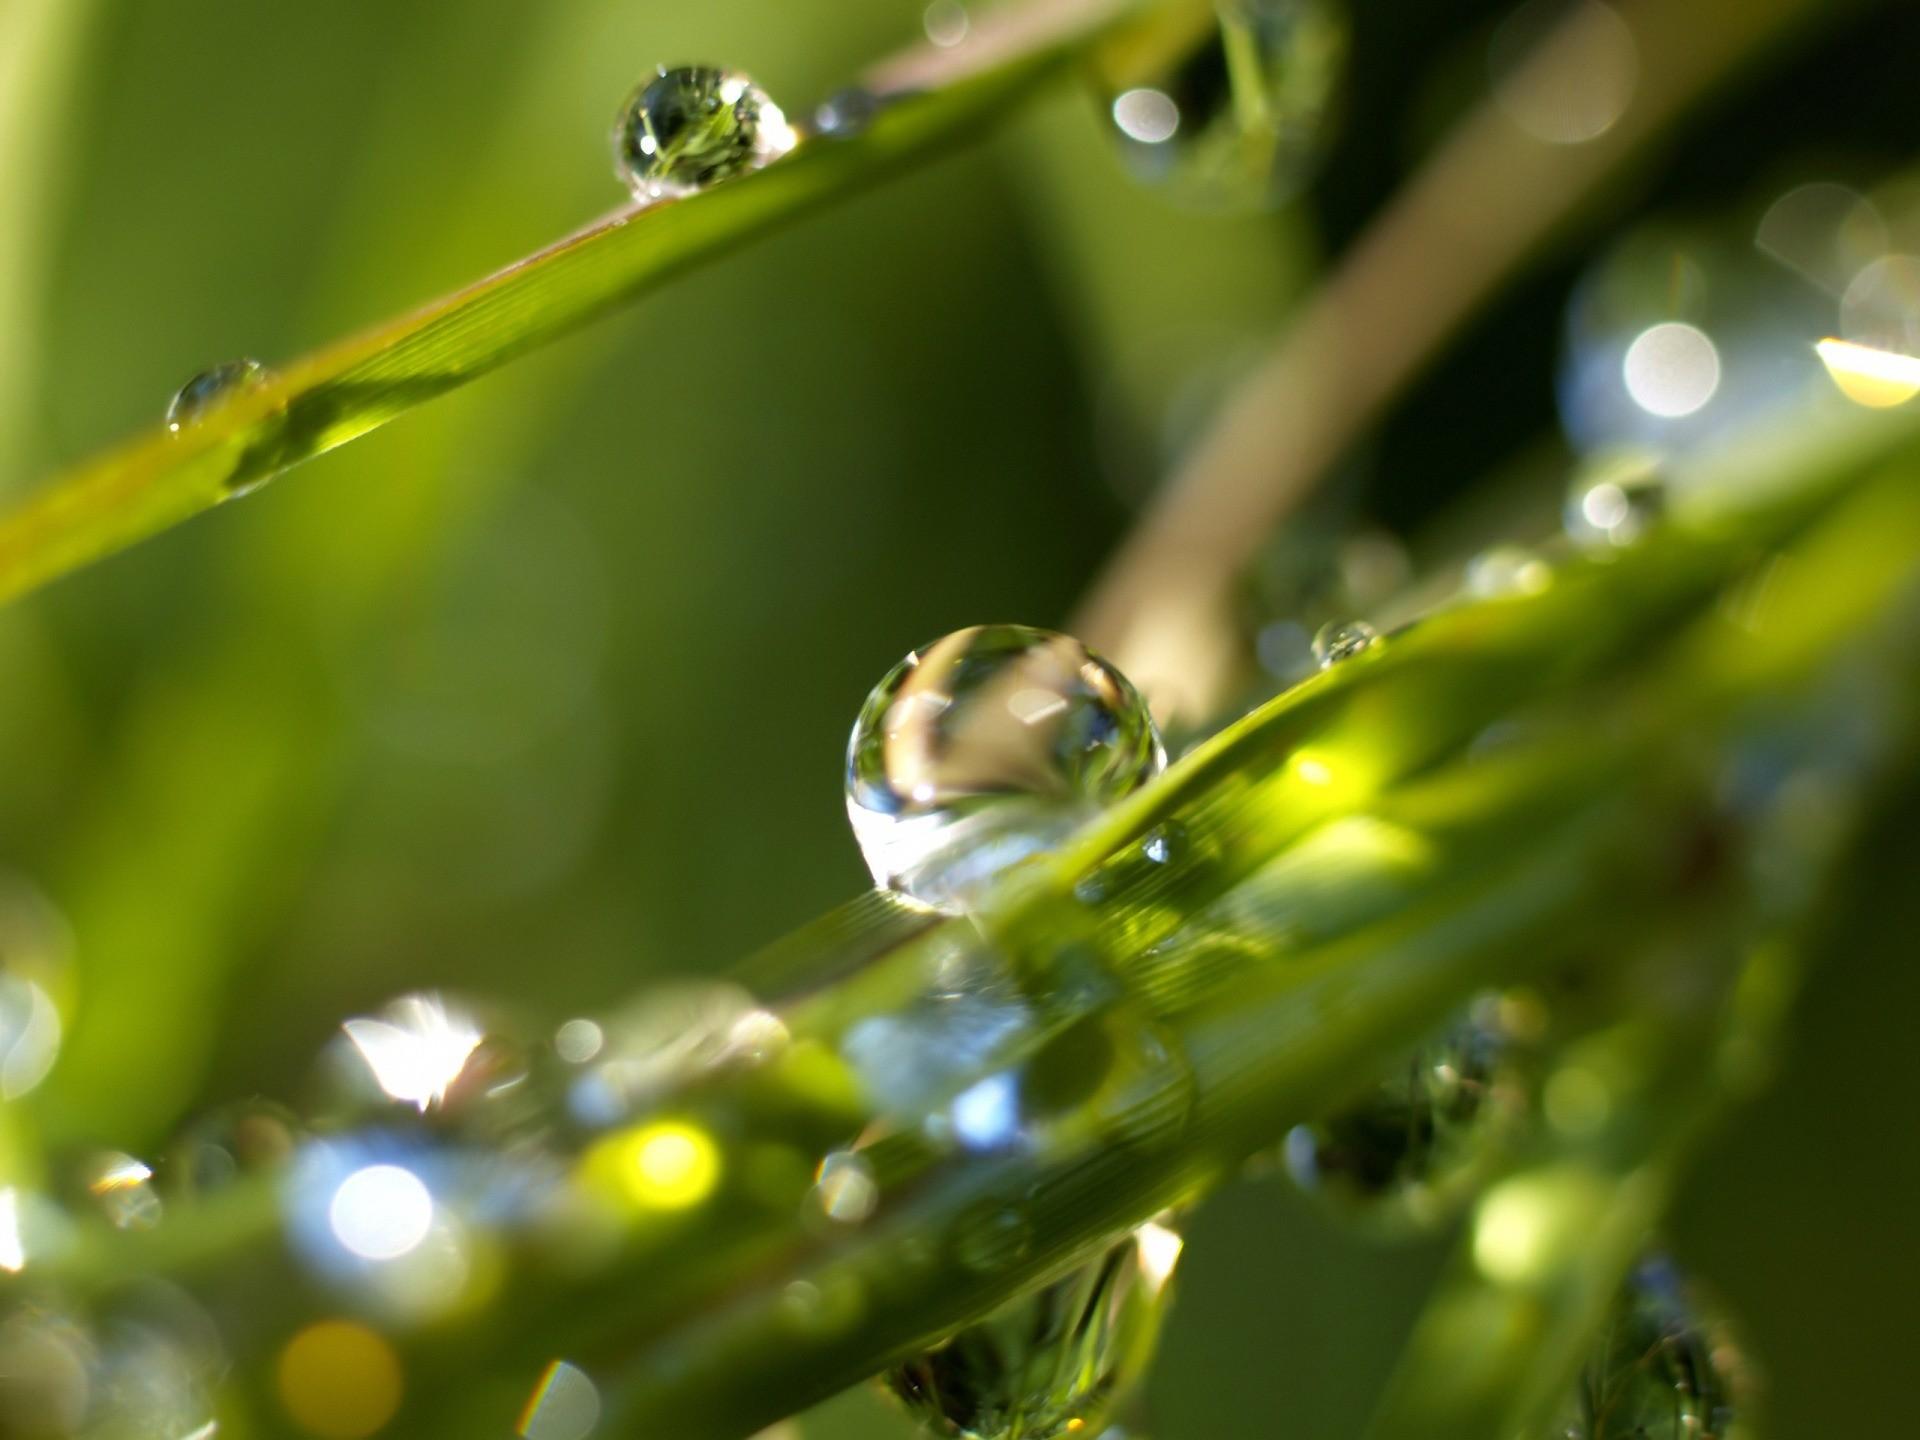 Rain drops Wallpaper Plants Nature